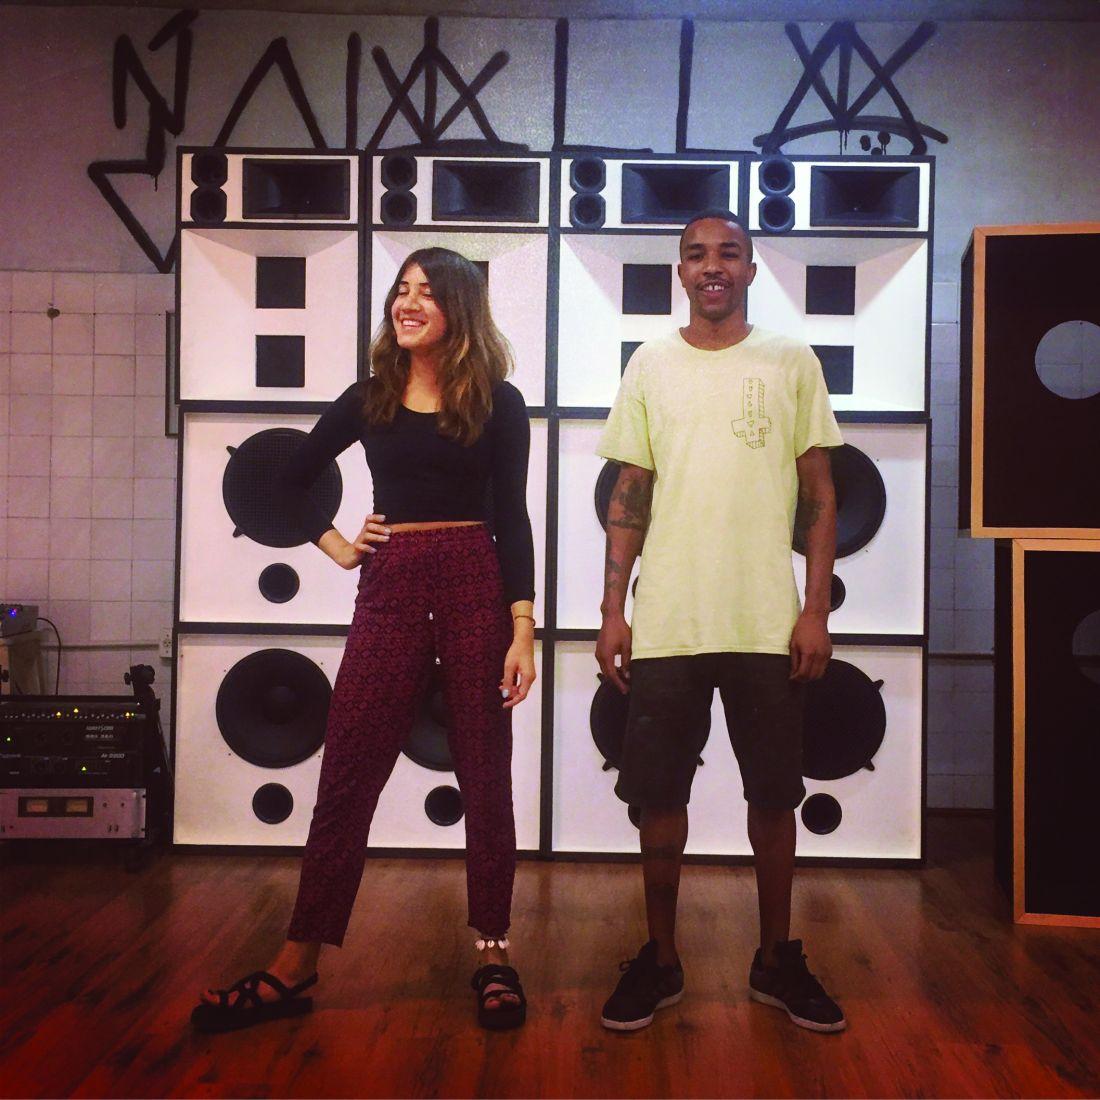 Vivian Caccuri com o produtor Choco, no ateliê da artista, no Rio de Janeiro; ela cria um sistema de som para tocar músicas criadas em parceria com músicos brasileiros e de Gana (Foto: Divulgação/ 32ª Bienal de São Paulo)